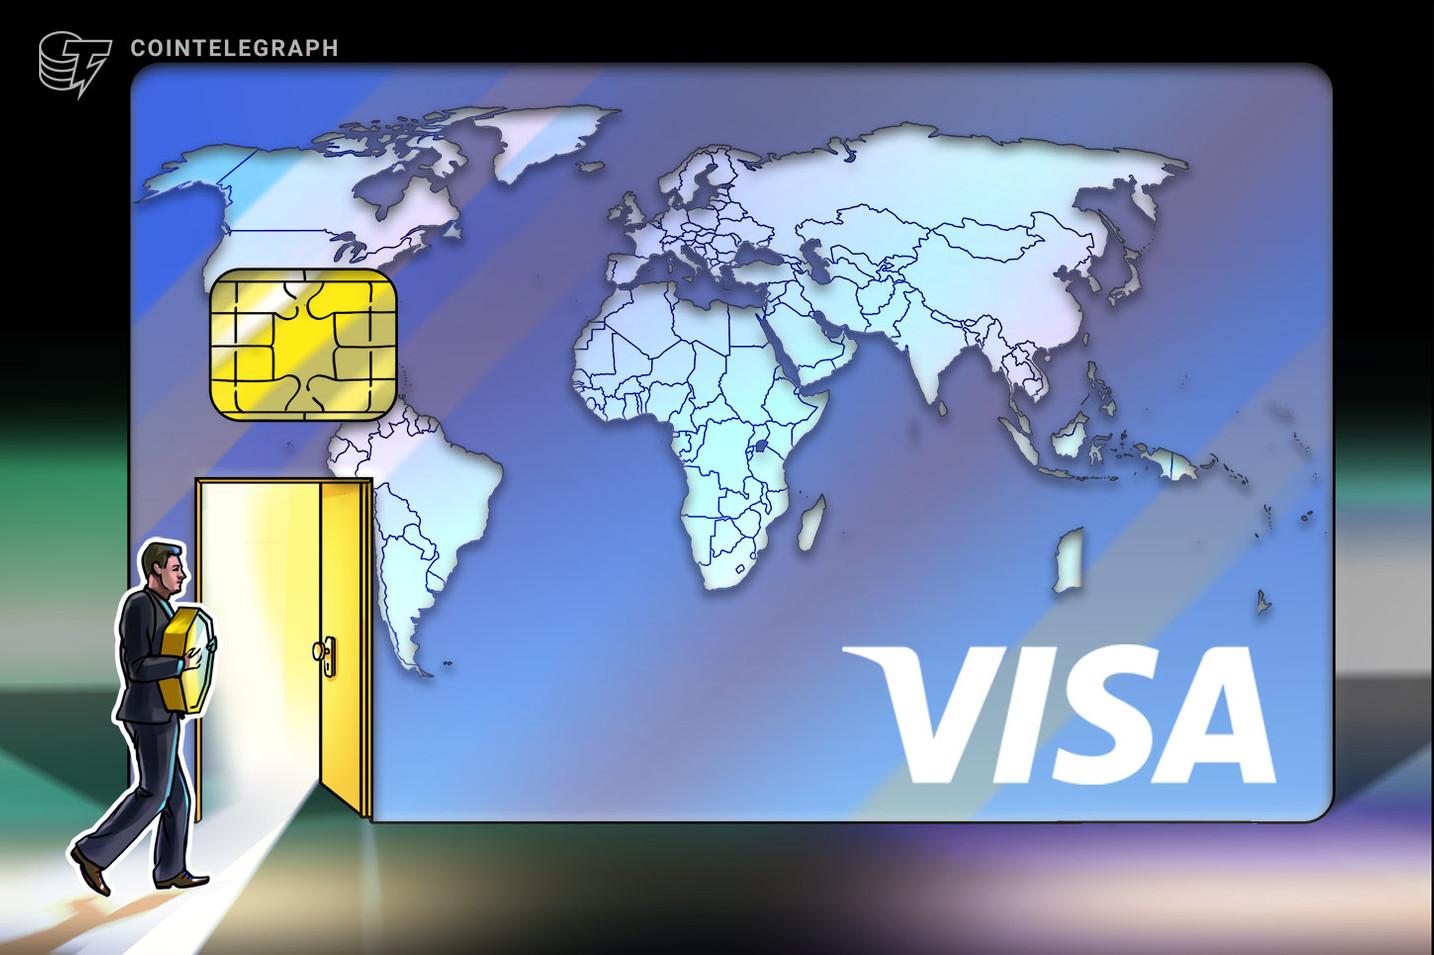 فيزا تؤكد مجددًا على التزامها بمدفوعات العملات المشفرة والورقية